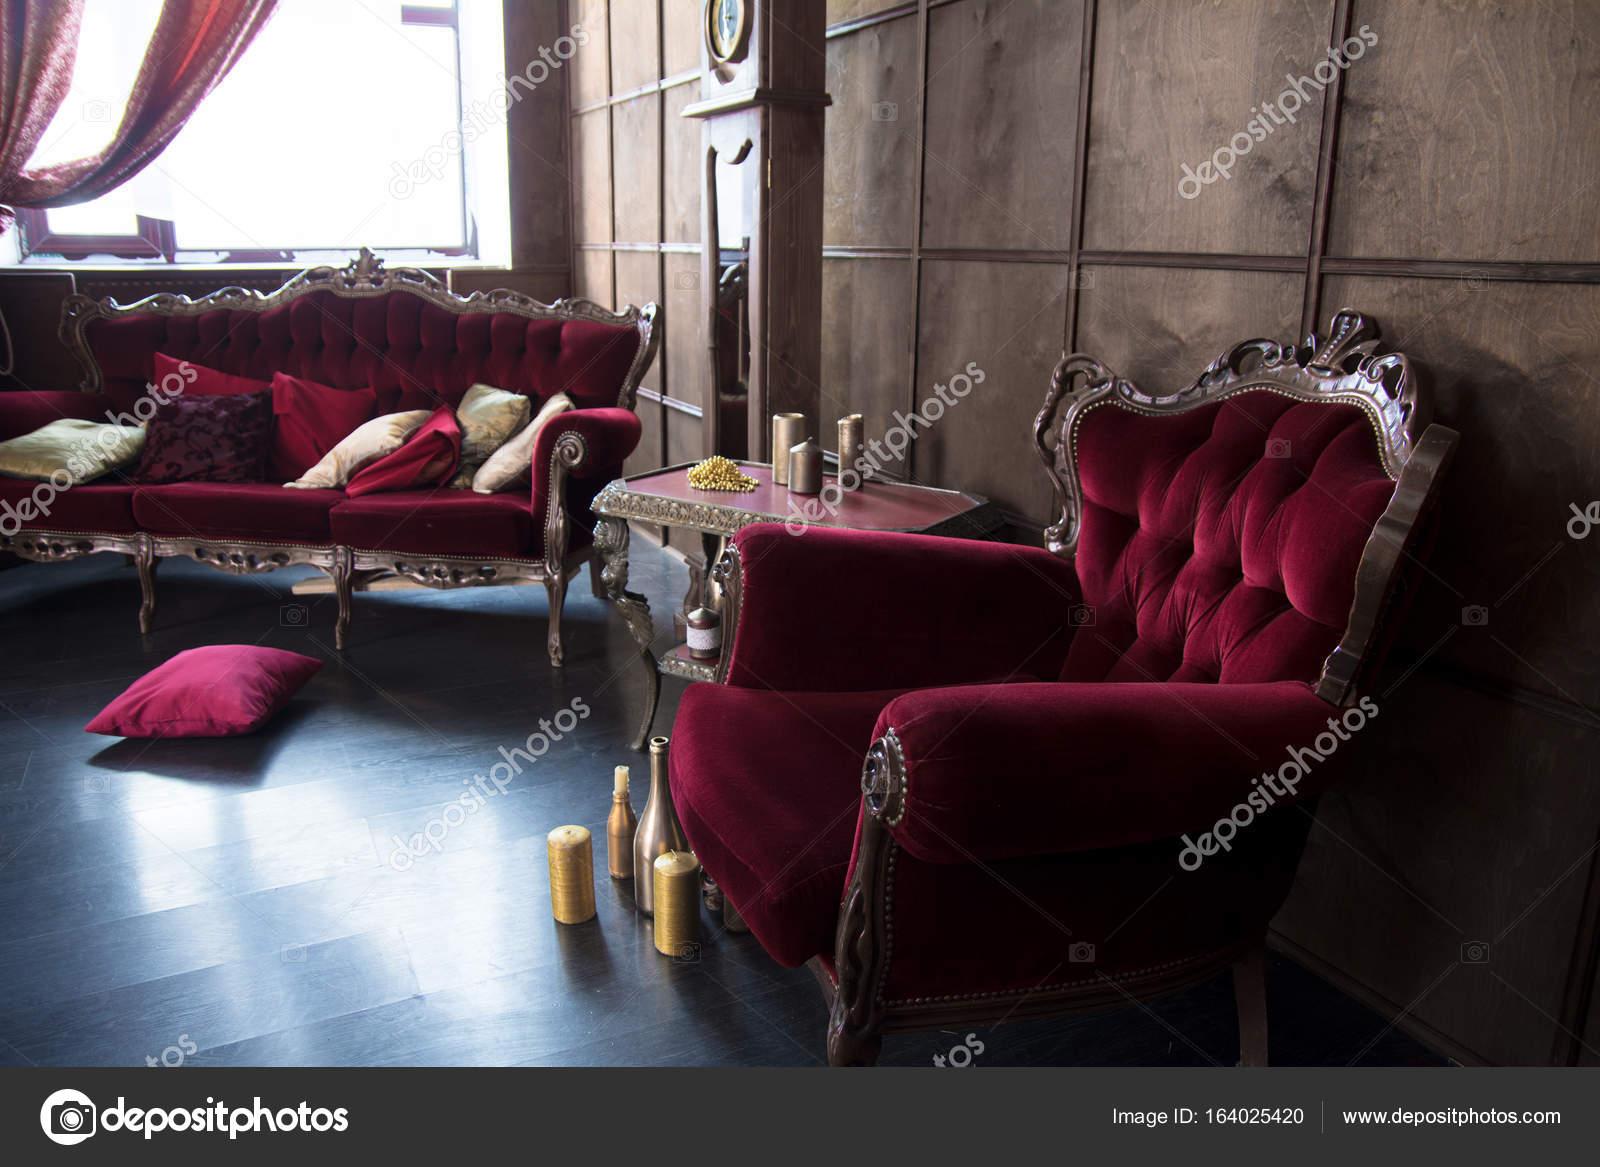 Mooie Antieke Fauteuils.Mooie Antieke Kamer Met Rode Fauteuils Stockfoto